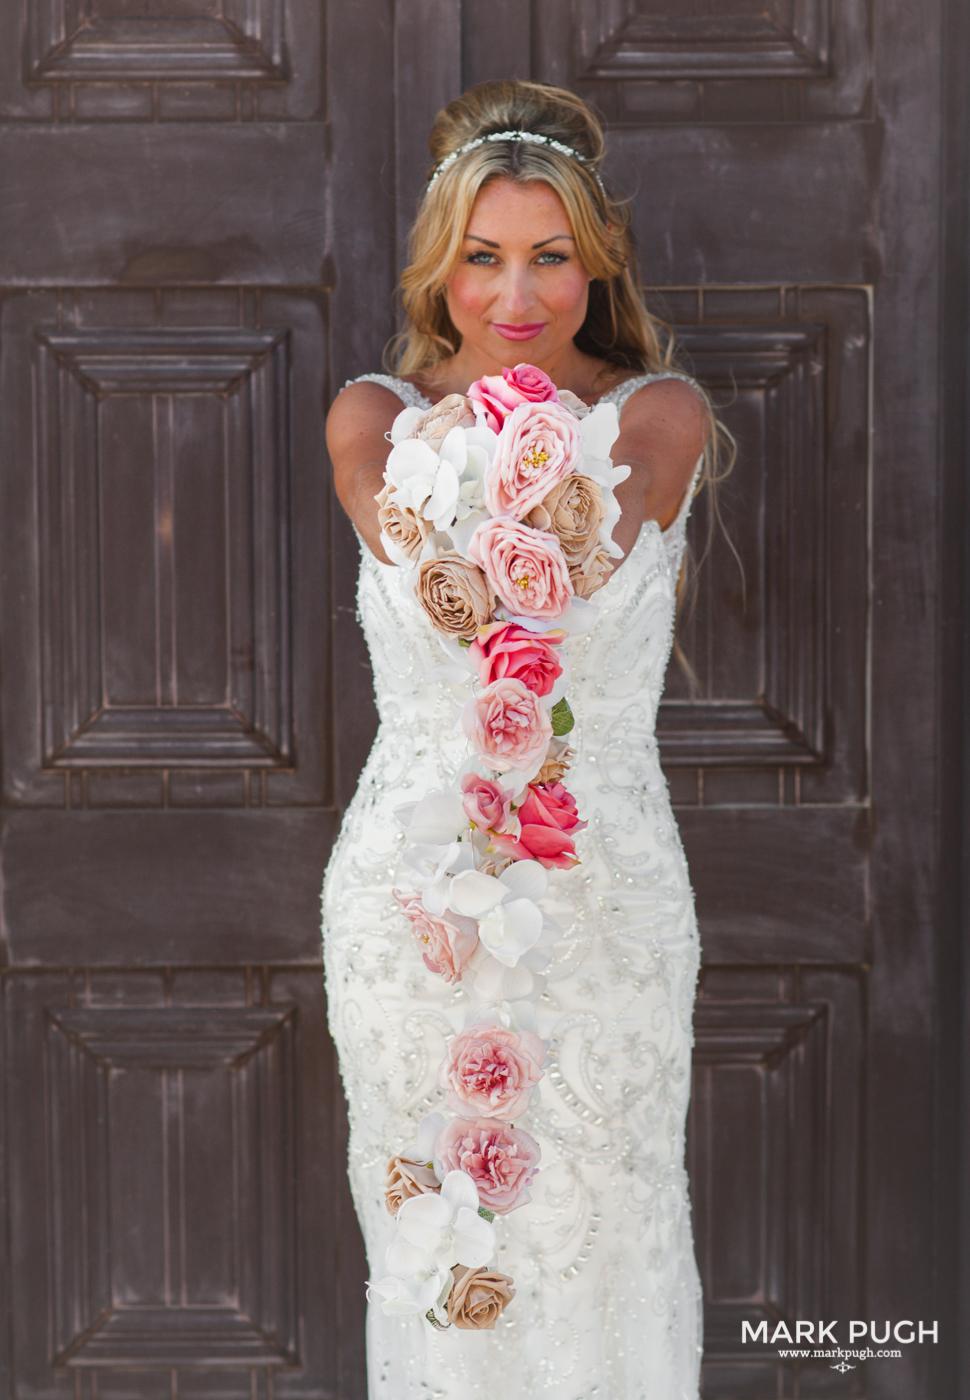 033 - Kerry and Lee - Destination Wedding in Santorini by www.markpugh.com -0612.JPG